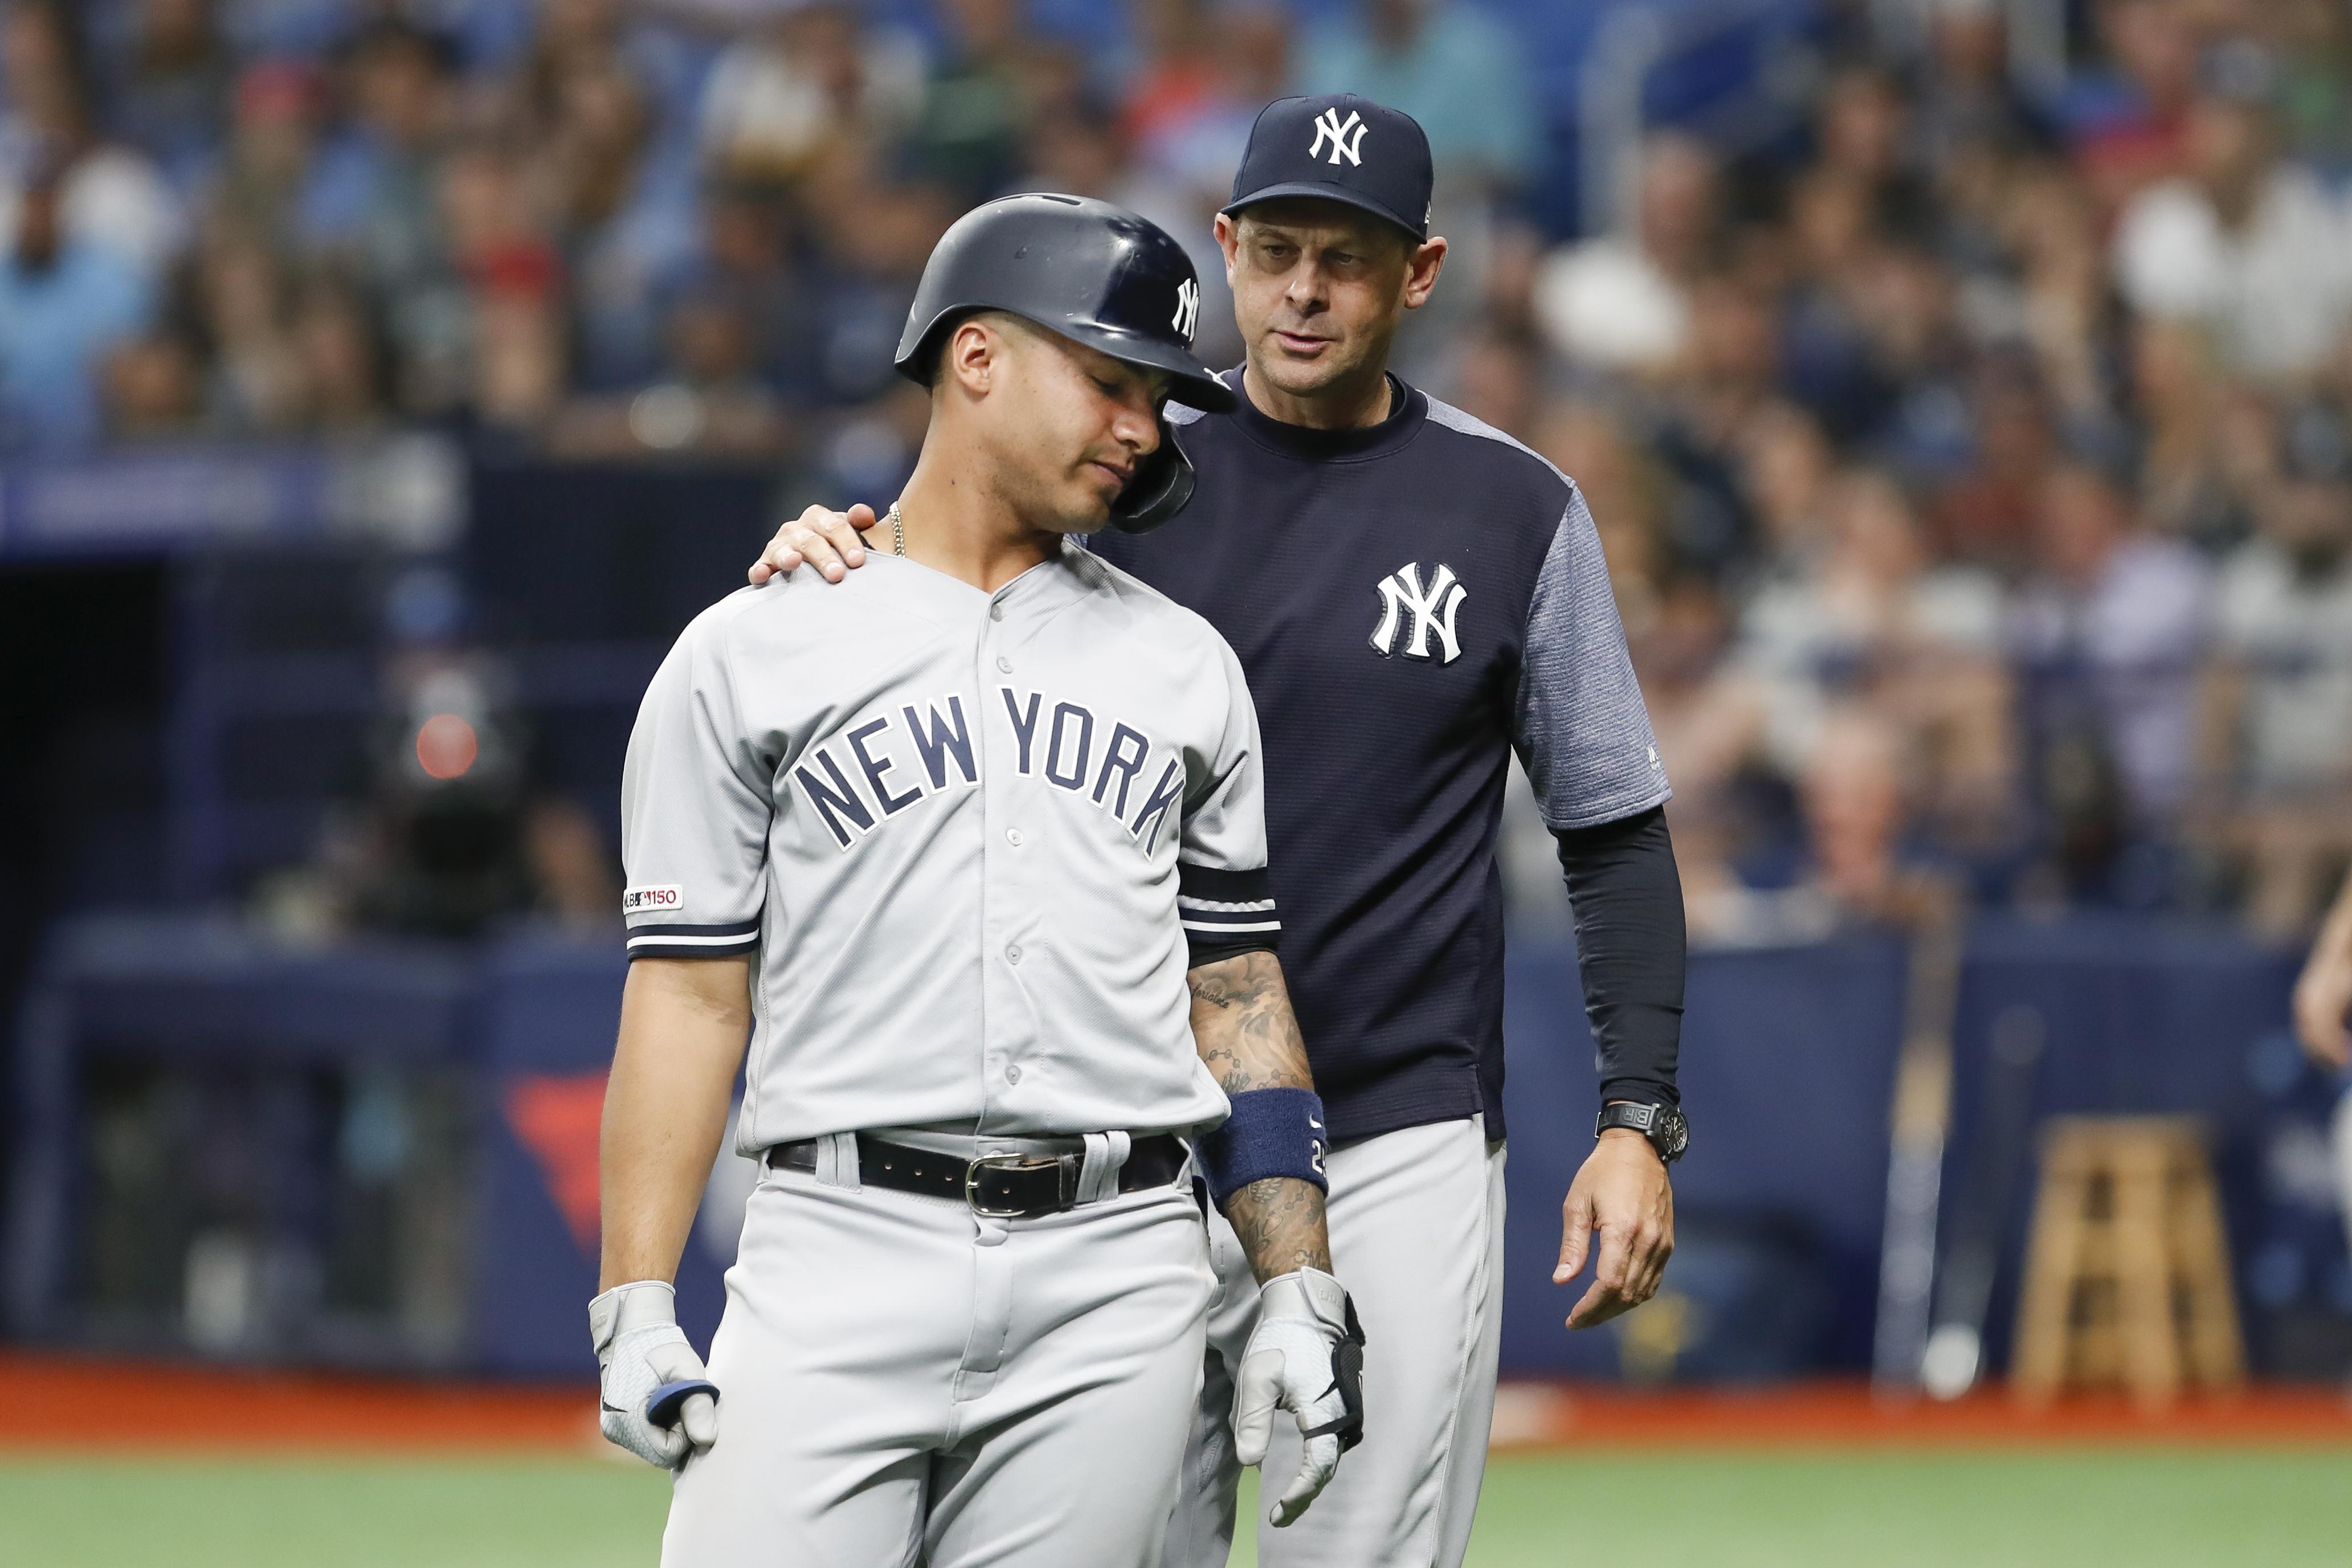 MLB: MAY 10 Yankees at Rays